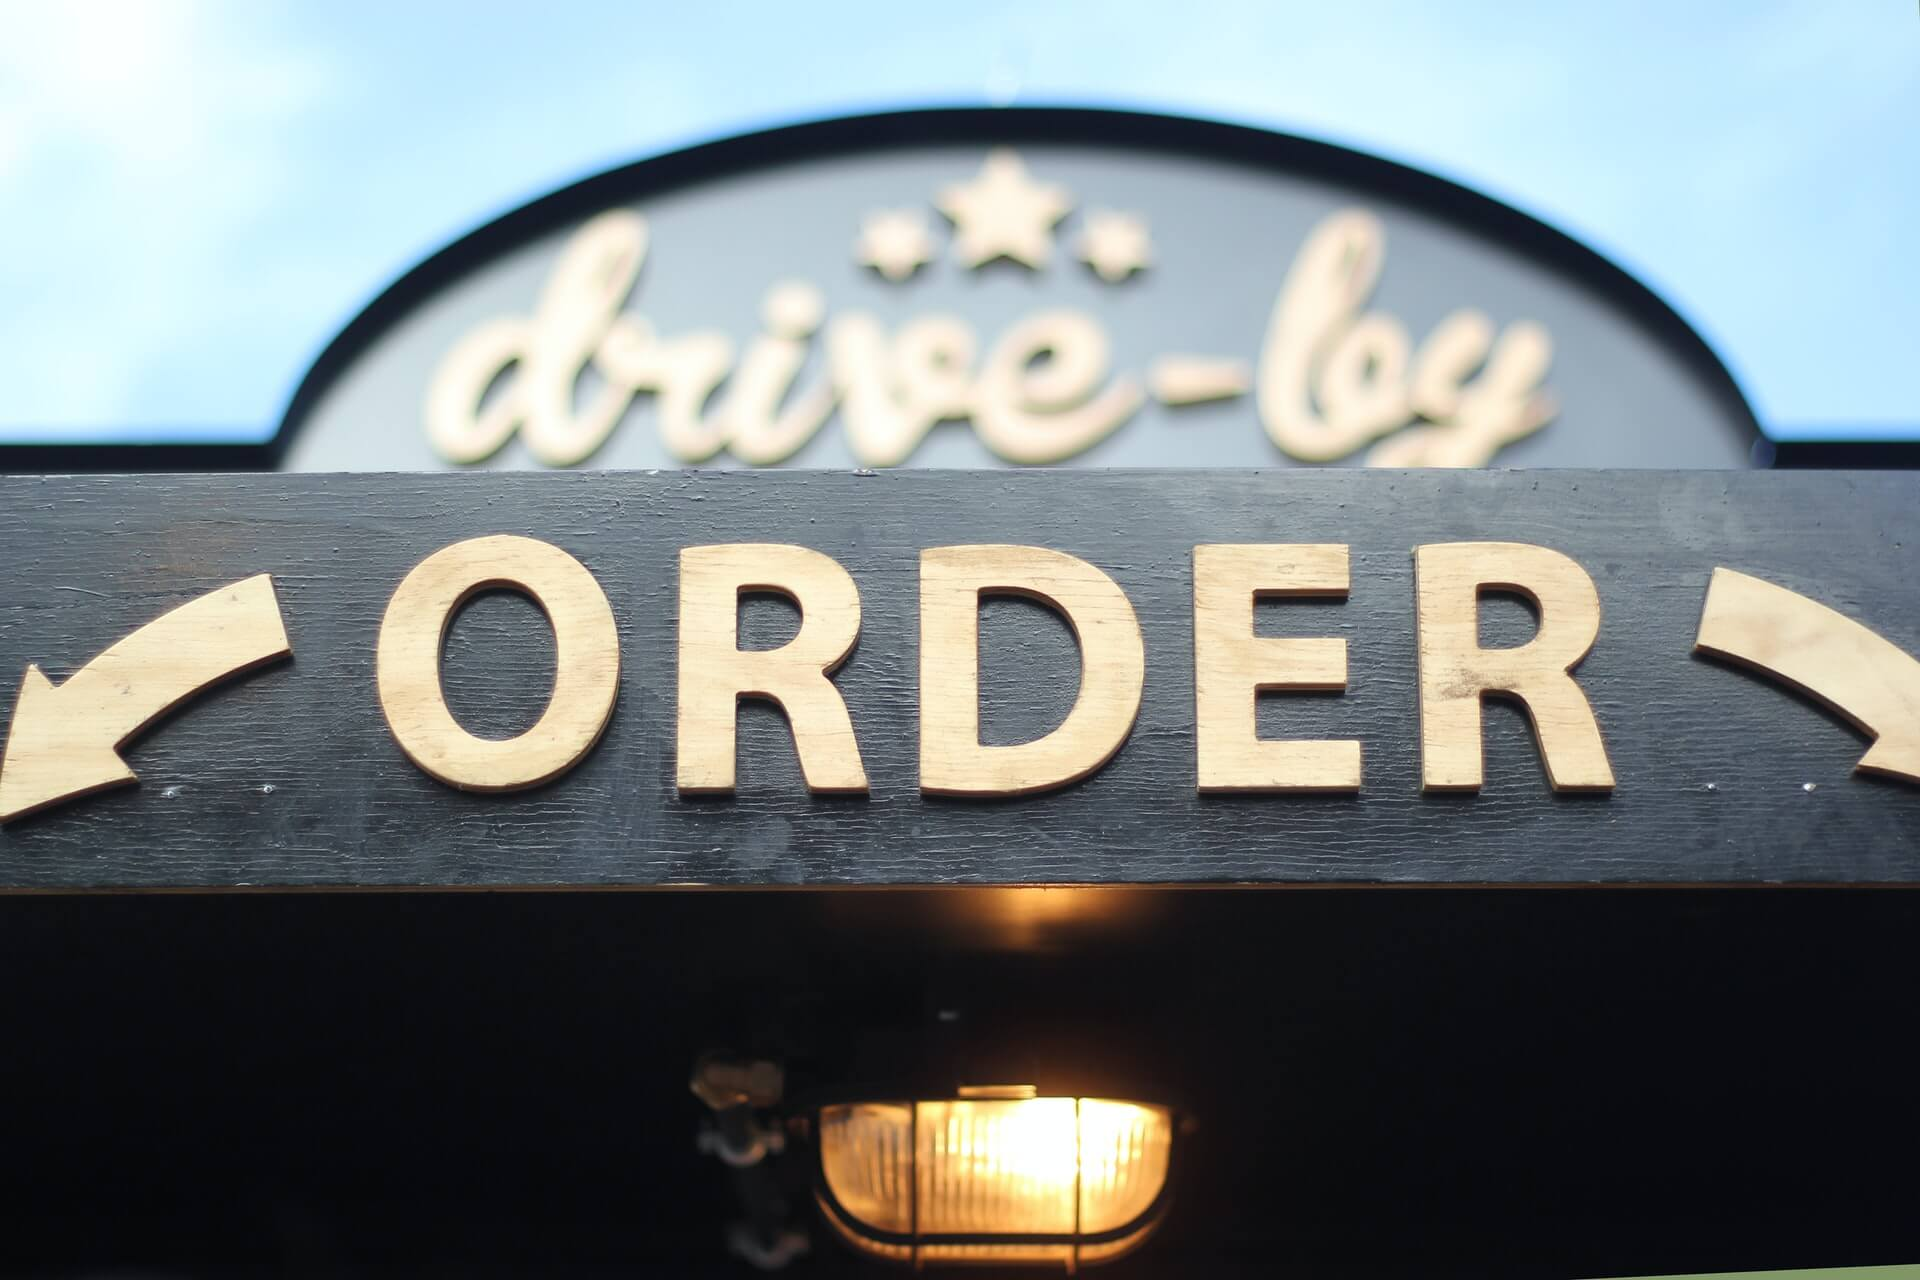 pre order sales marketing strategies